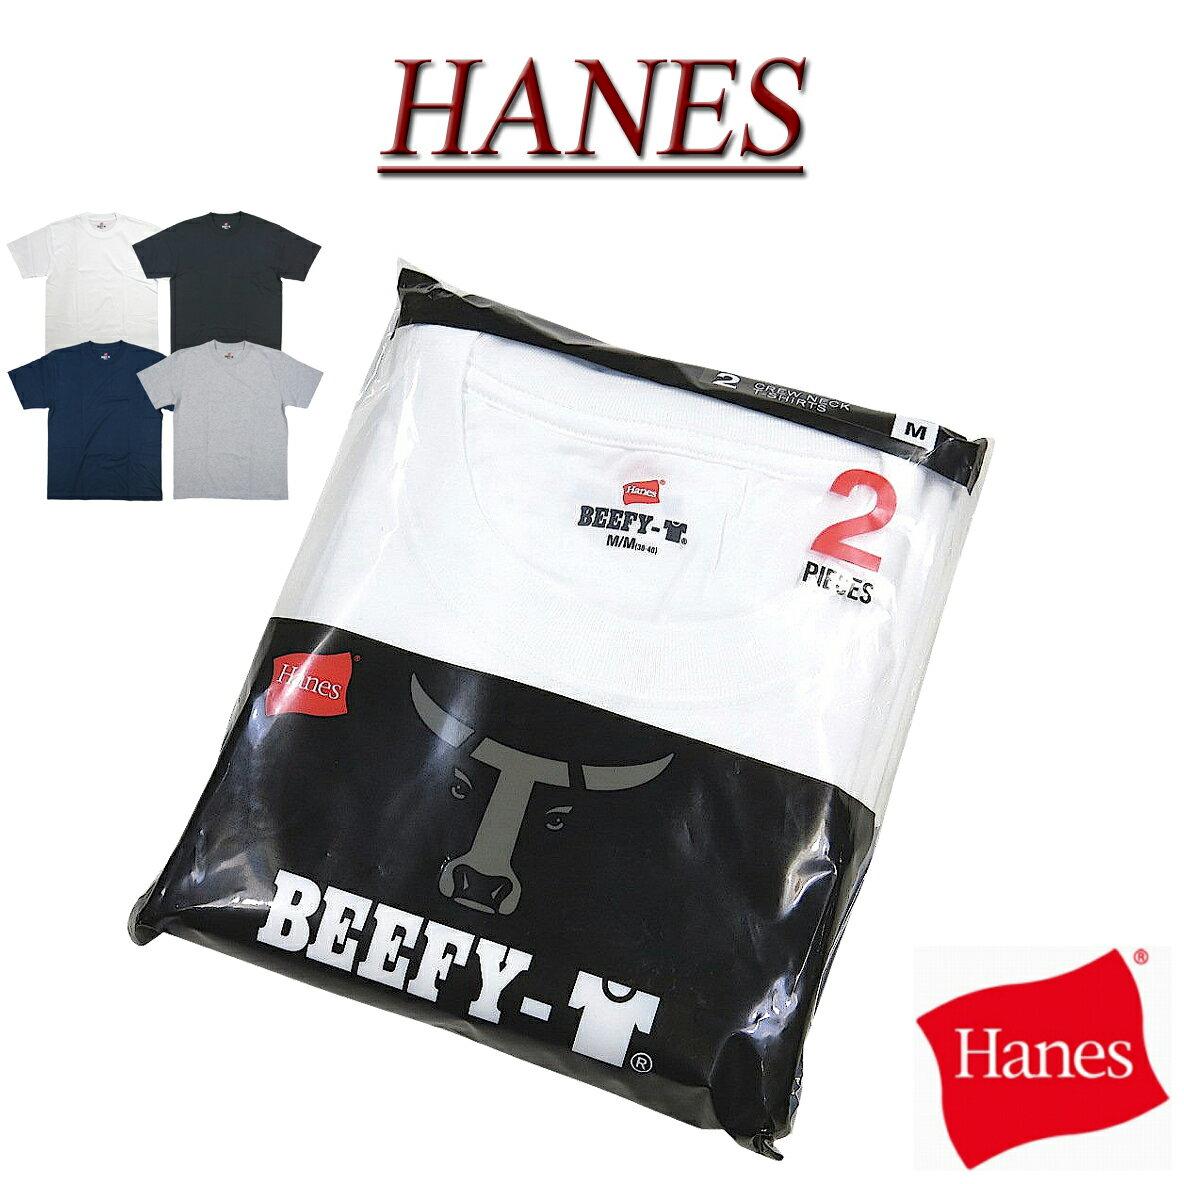 【5/22再入荷! 超定番 4色5サイズ】 ia631 新品 Hanes ビーフィー 半袖 無地 2枚組 クルーネック Tシャツ H5180-2 メンズ BEEFY CREW NECK 2-PACK T-SHIRT ヘインズ アメカジ 2パック パックTシャツ